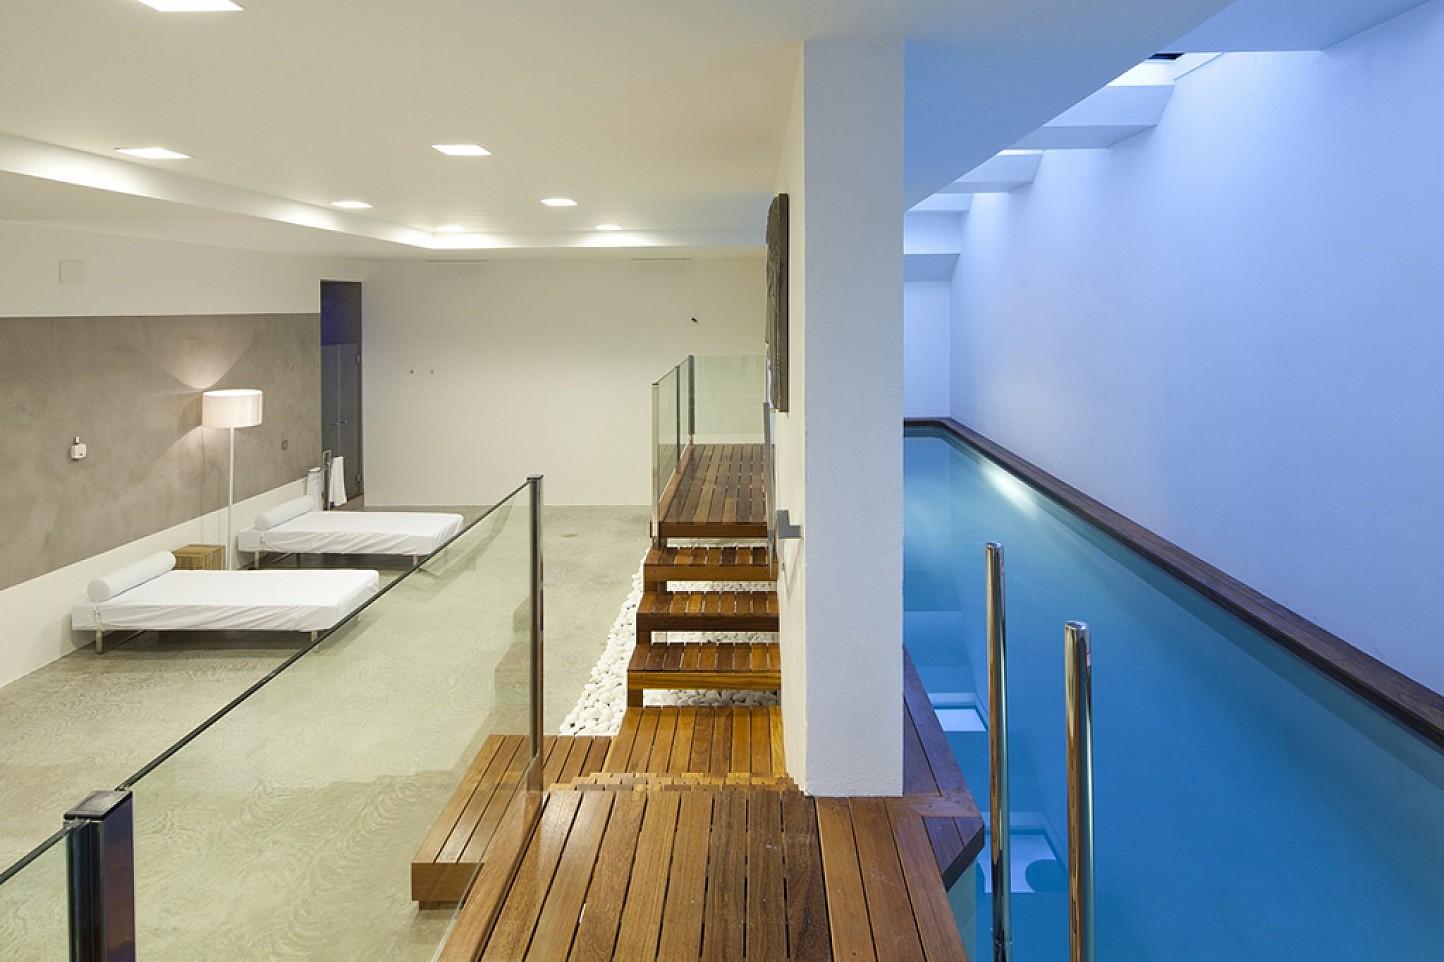 Vistas interiores del dormitorio con acceso a la piscina interior